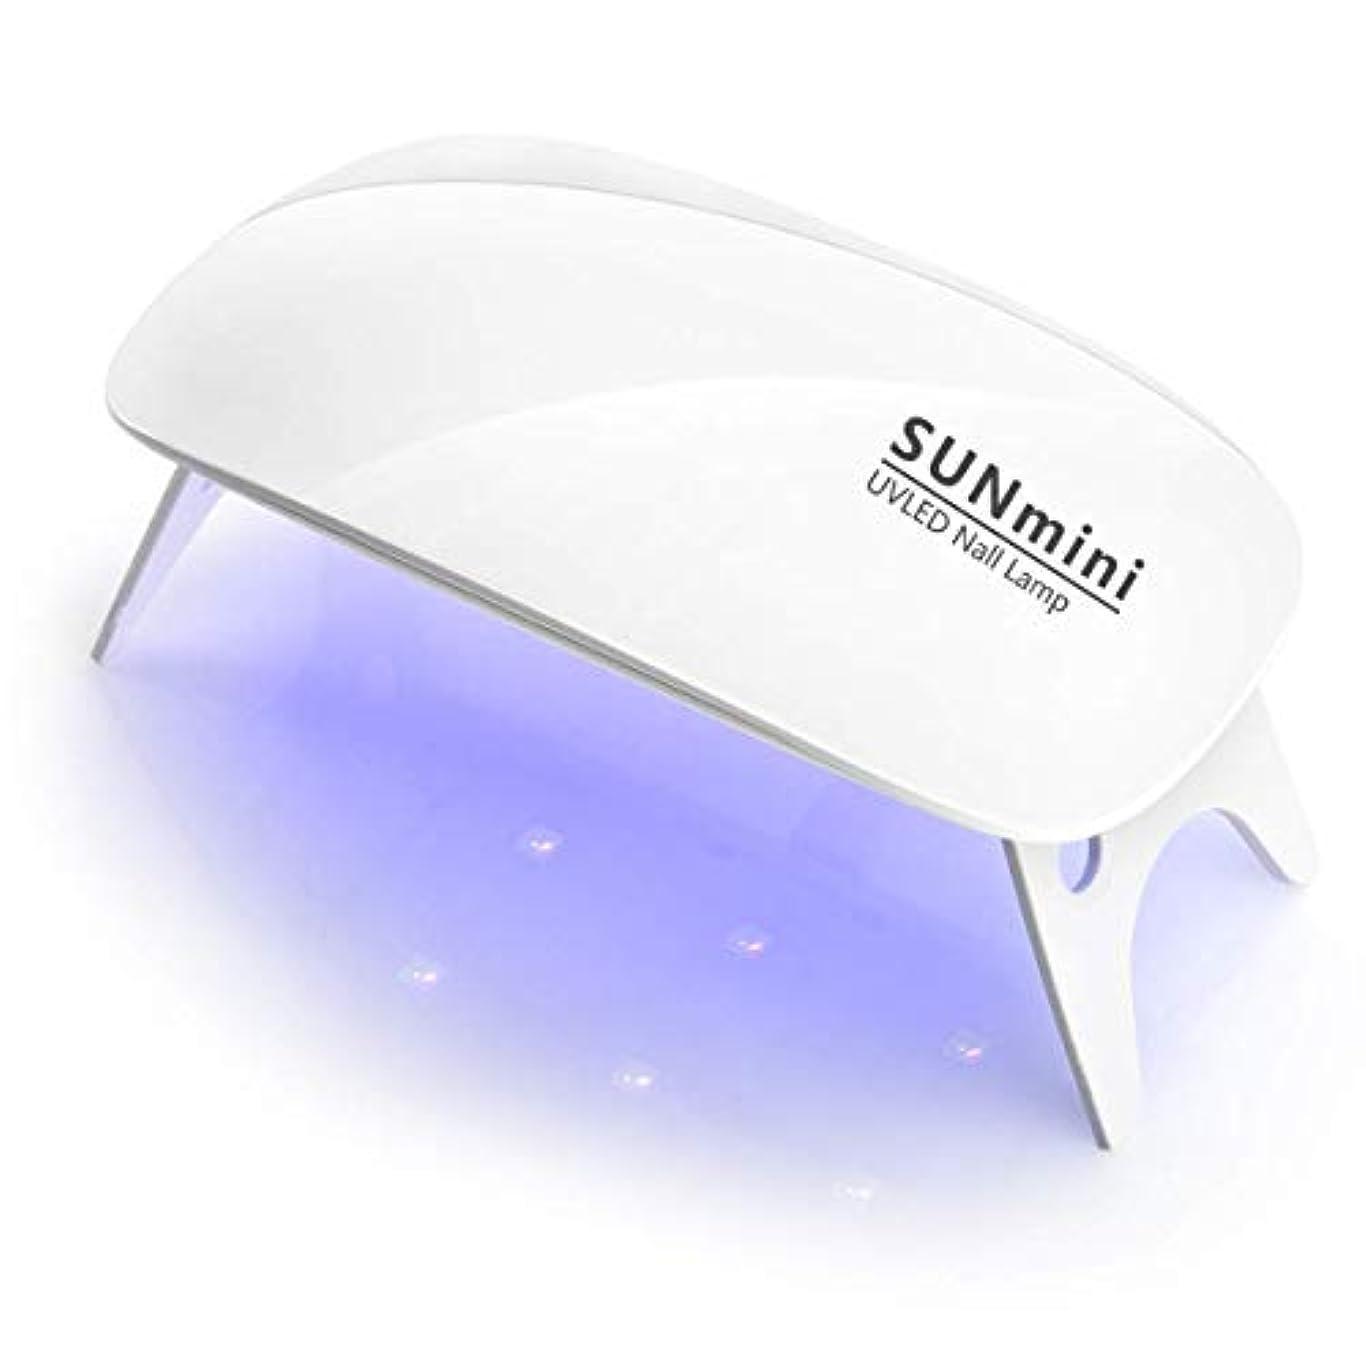 バージンしてはいけません傀儡LEDネイルドライヤー LEDジェルネイルドライヤー UVライト ジェルネイルライト usbライト 硬化ライト LED タイマー設定可能 折りたたみ式 軽量 持ち運び便利(ホワイト ネイルファイルが付け) FACAI